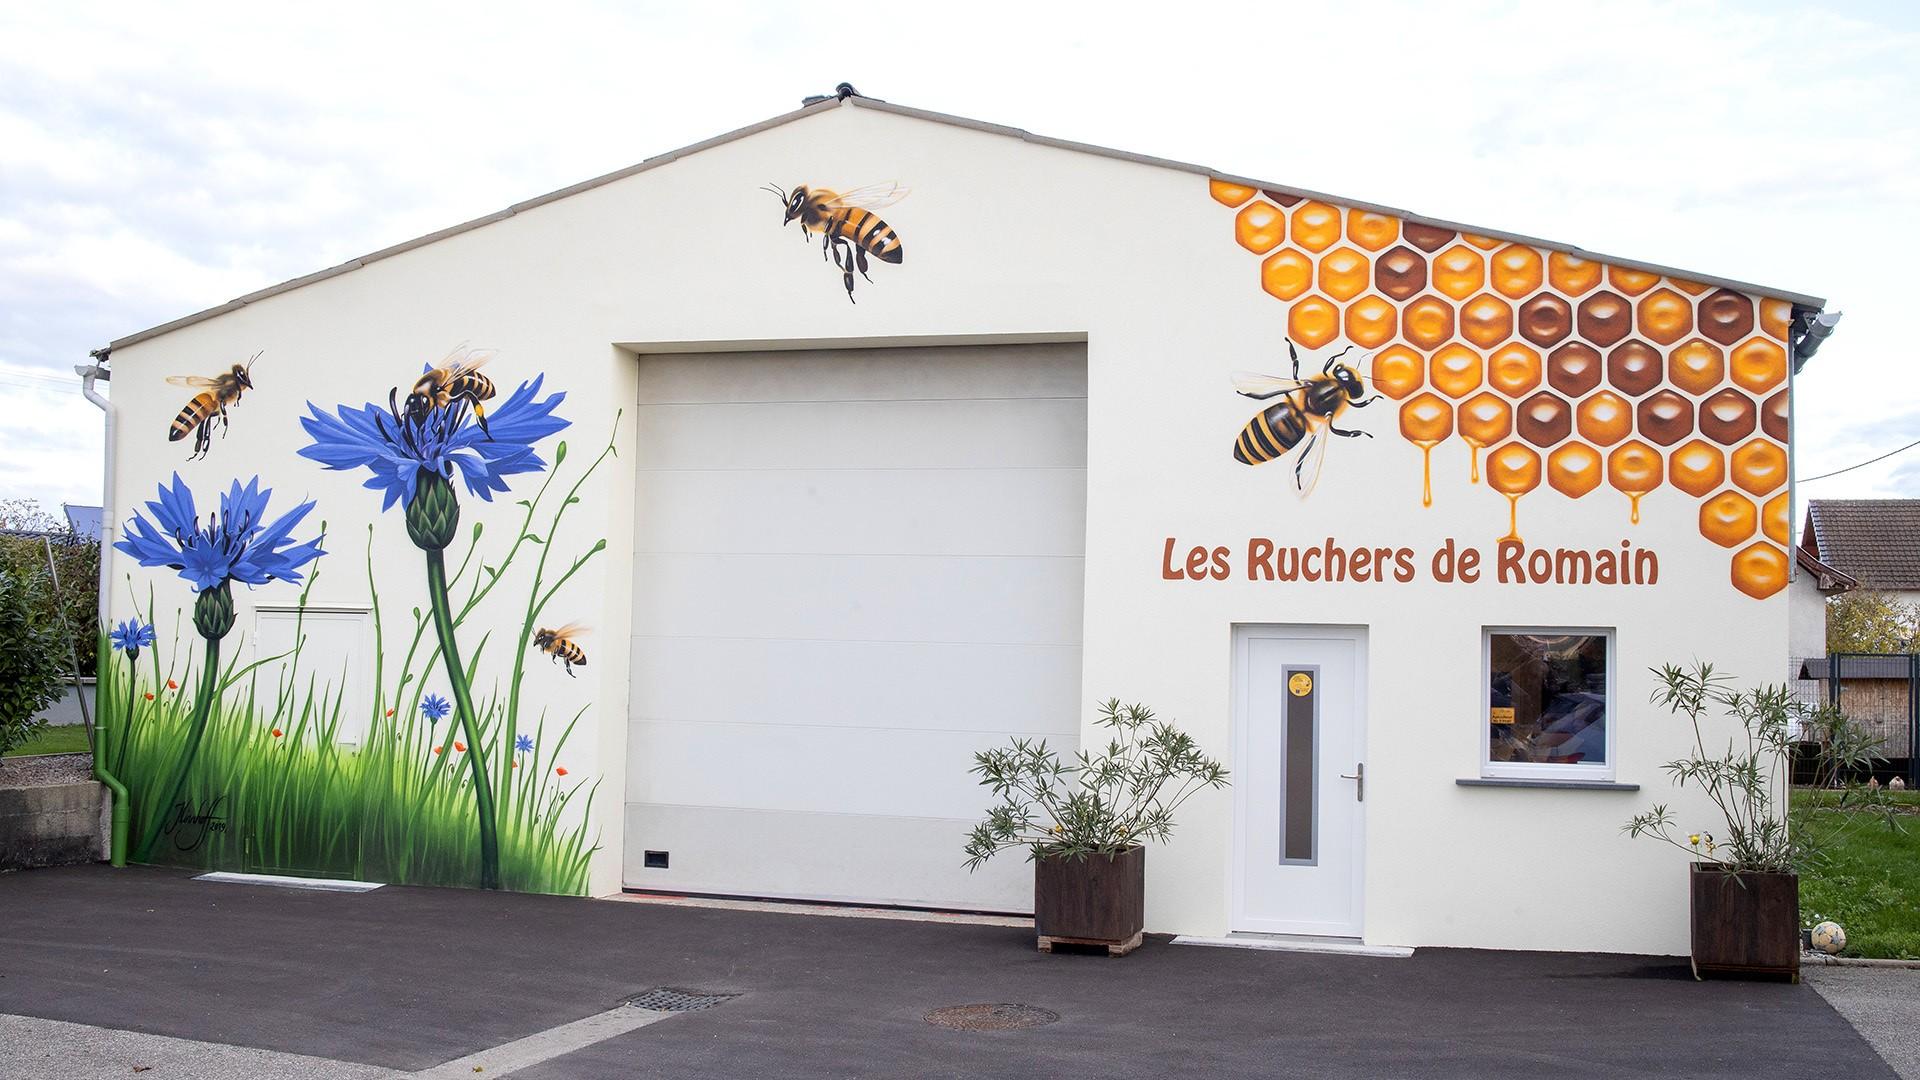 Une fresque d'abeilles